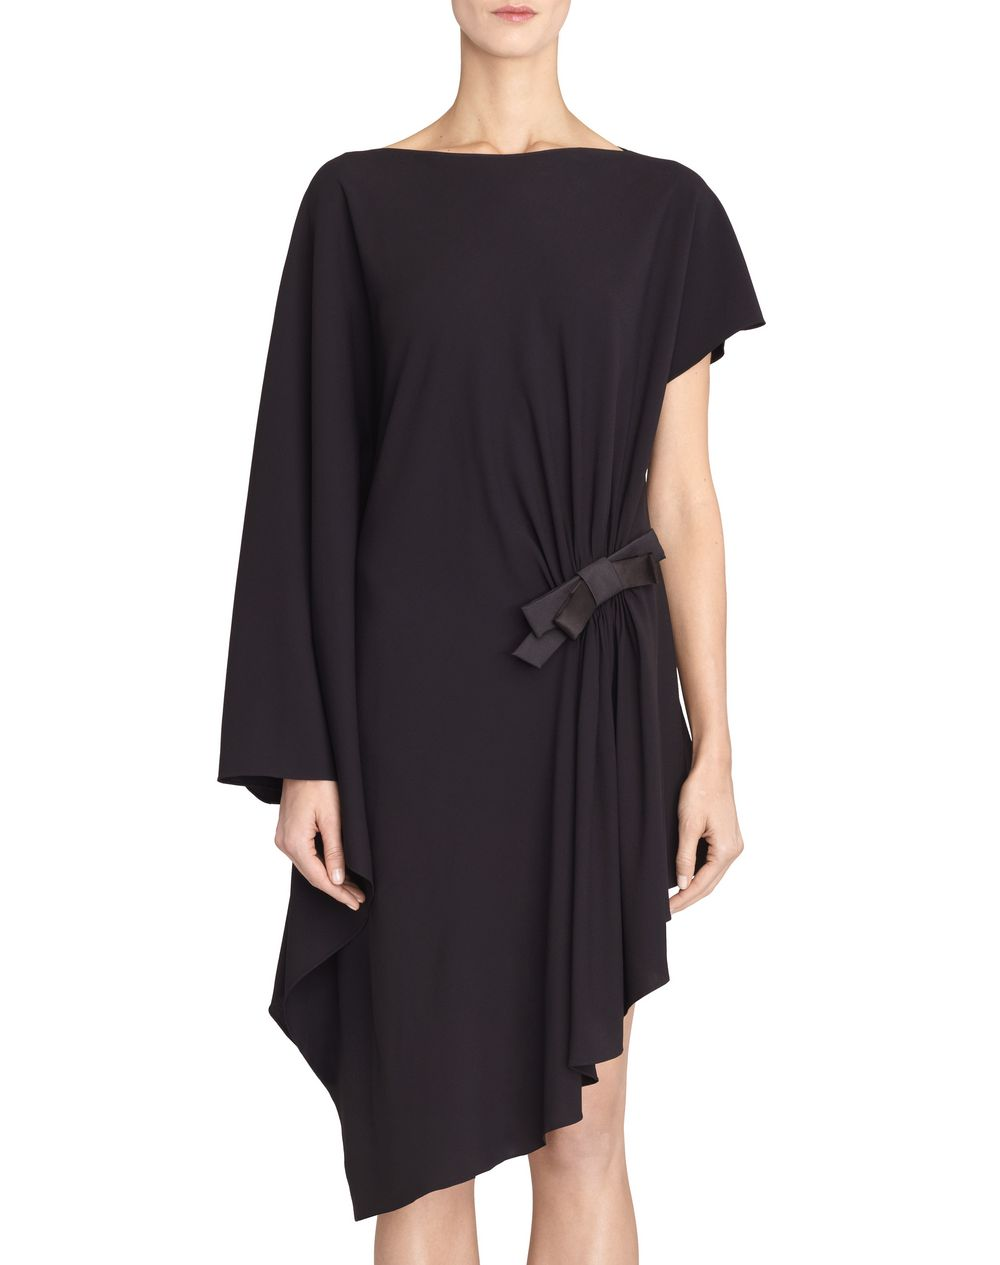 BLACK ASYMMETRICAL DRESS - Lanvin